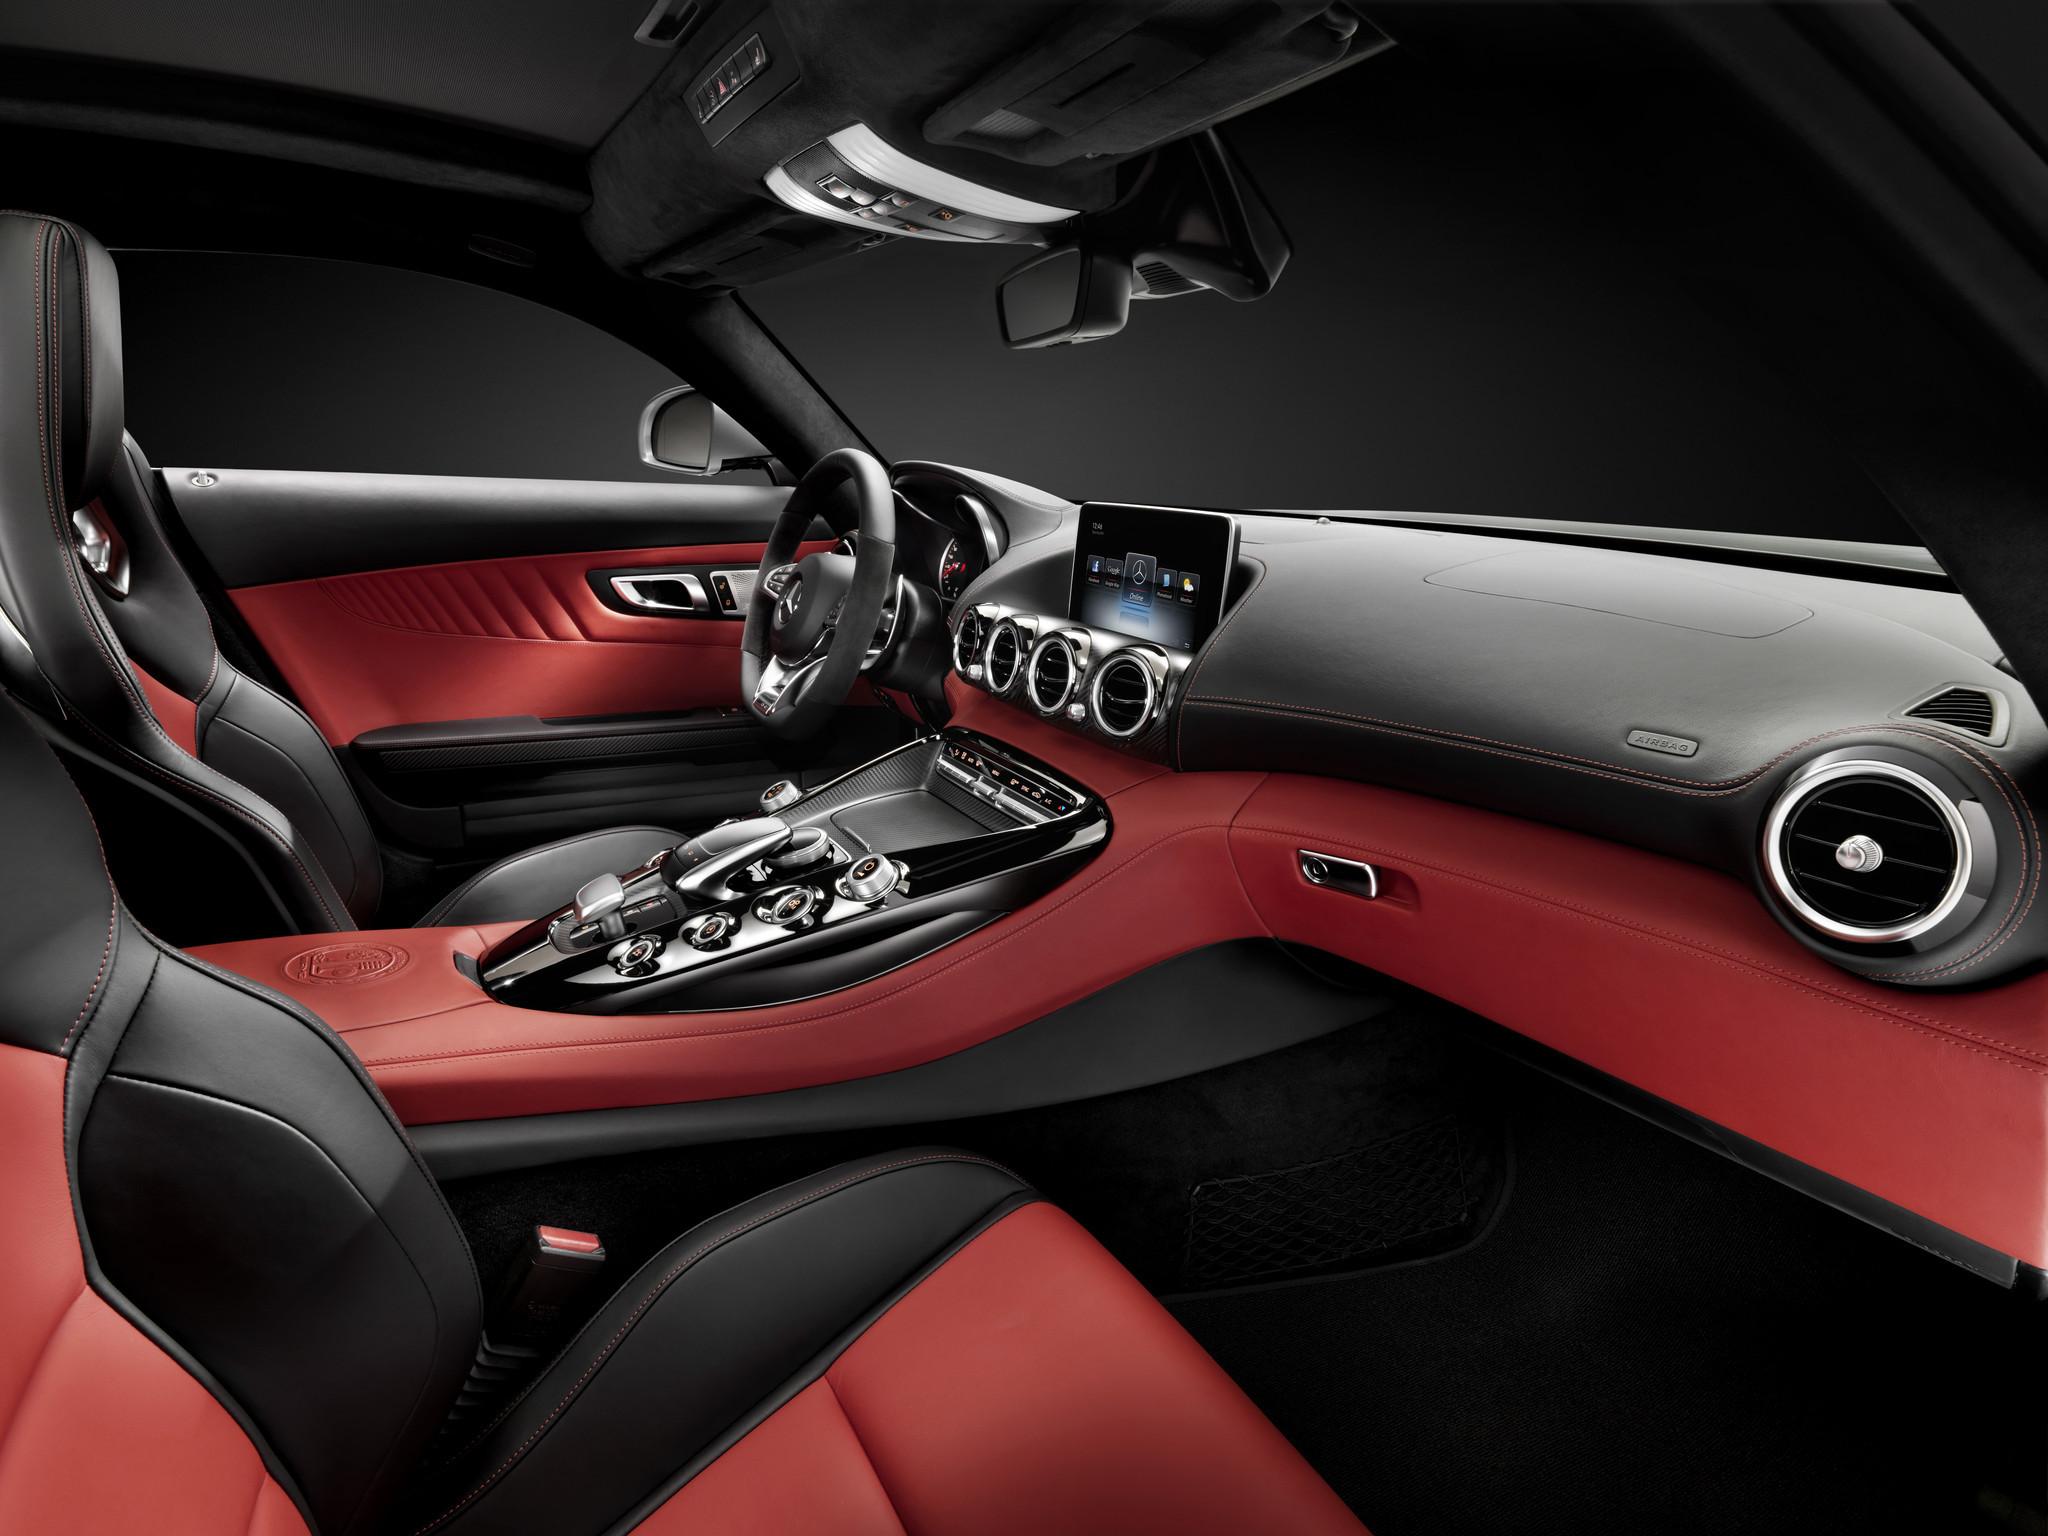 Mercedes Confirms All New Amg Gt Sports Car Reveals Interior